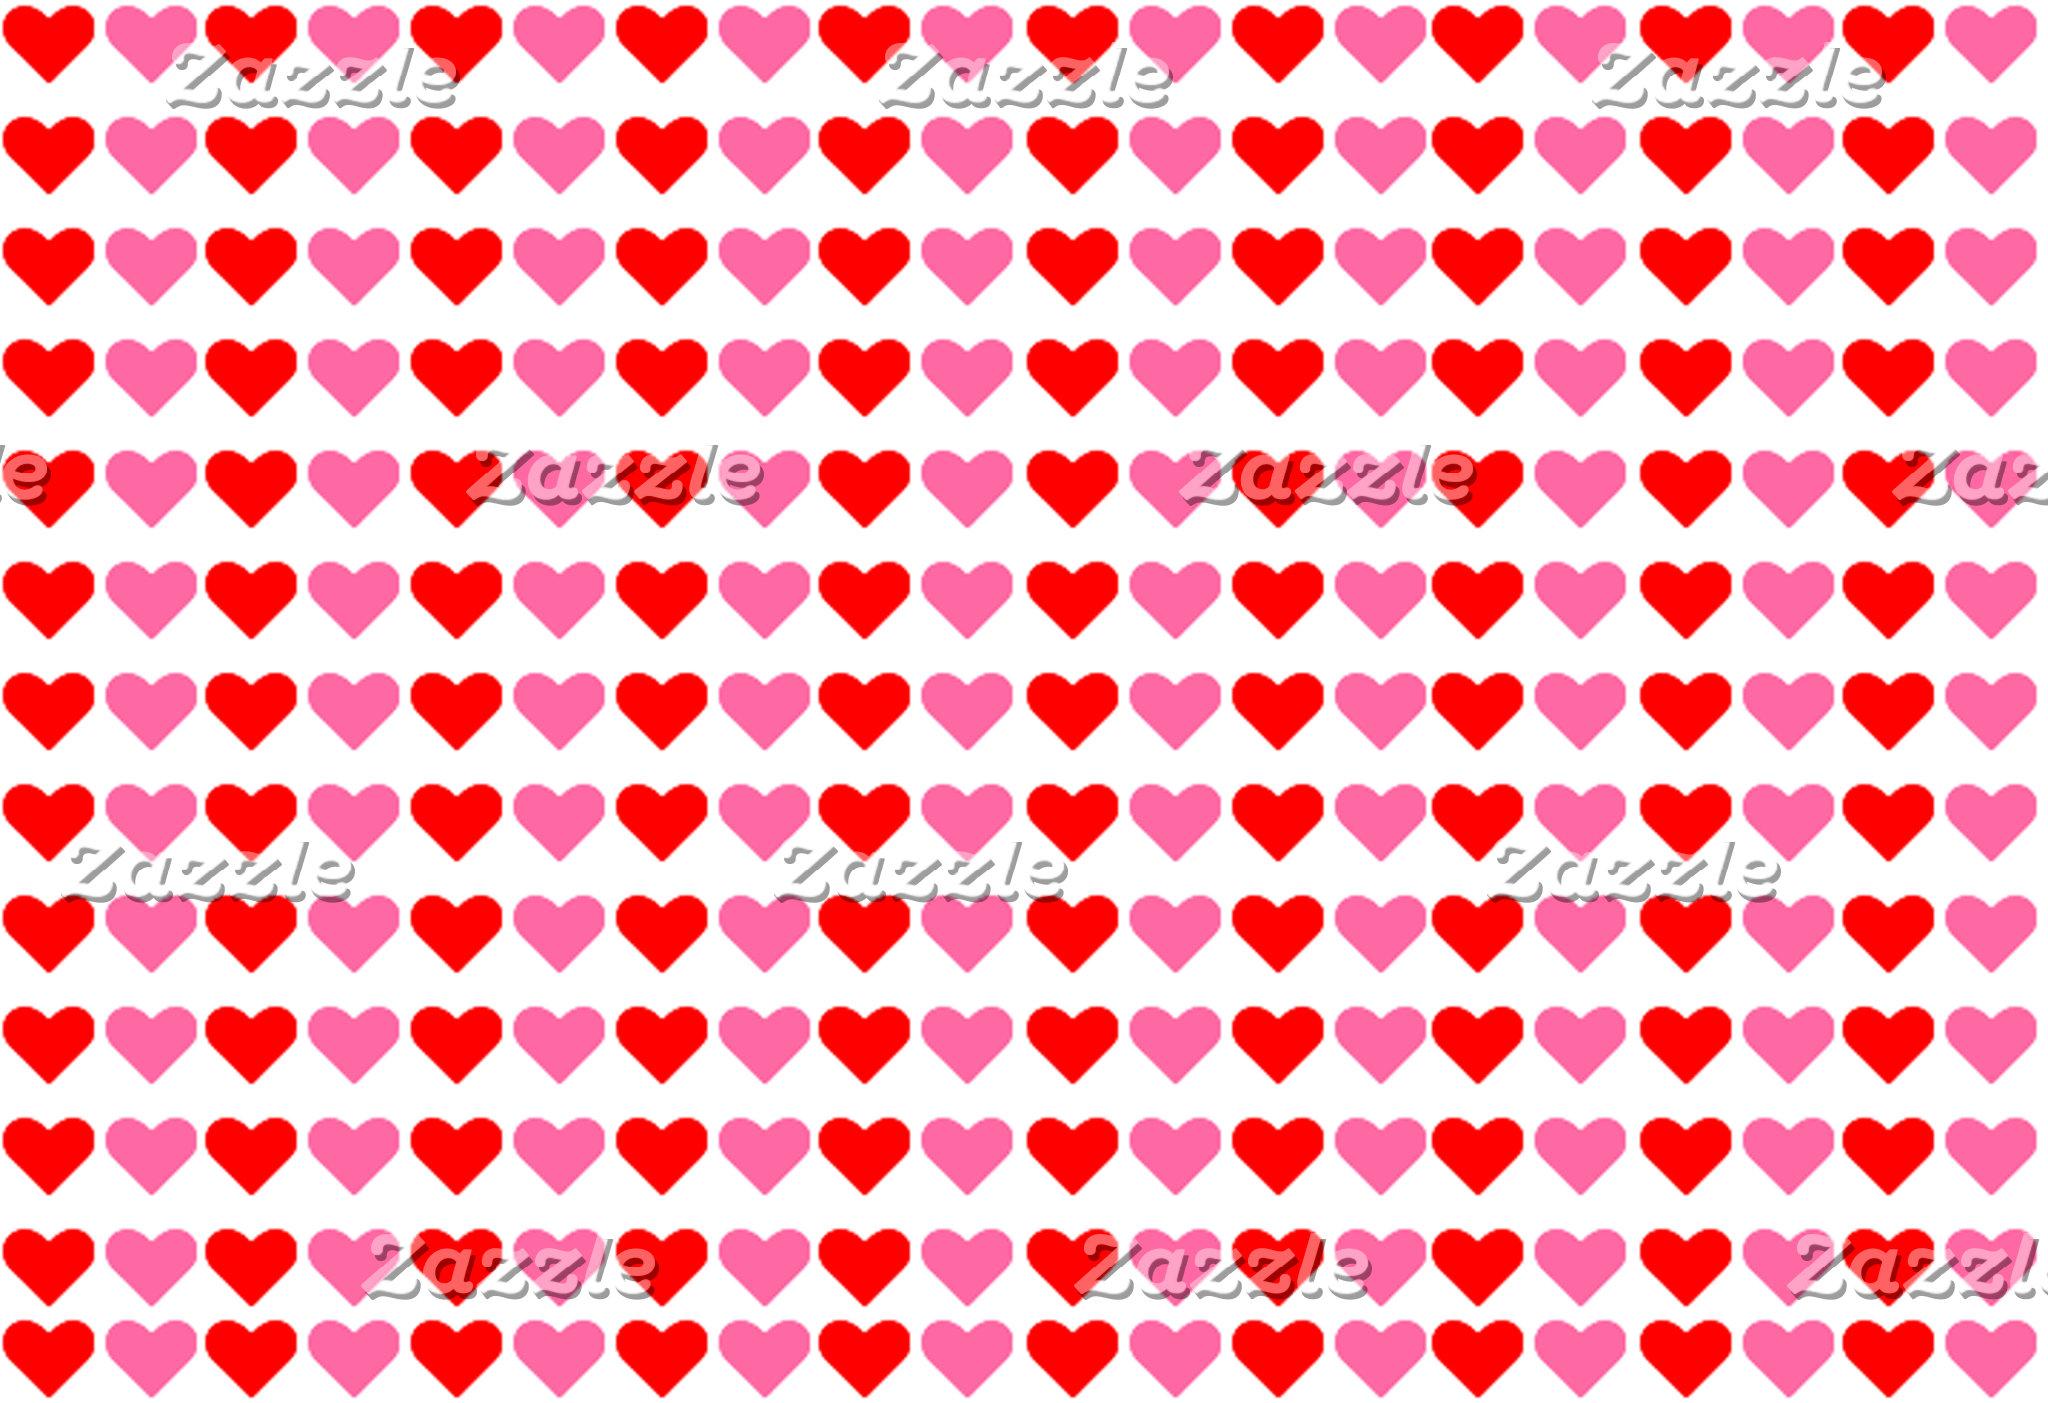 Hearts,Hearts,Hearts